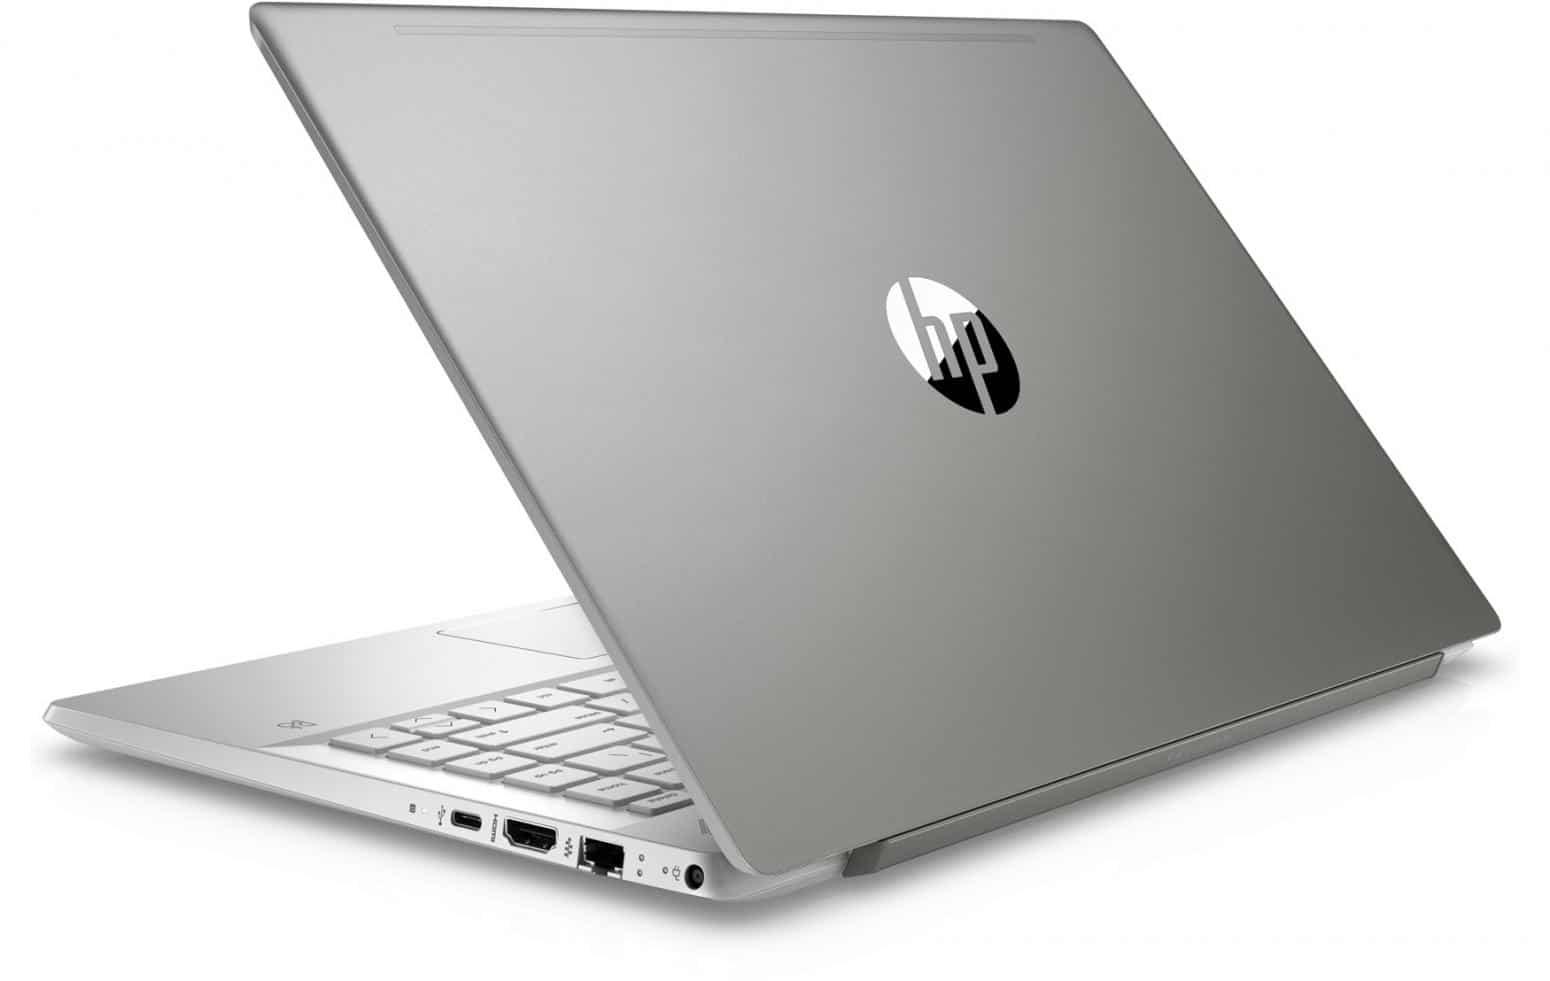 HP Pavilion 14-ce0020nf, ultrabook 14 pouces Quad i5 SSD256+HDD à 637€